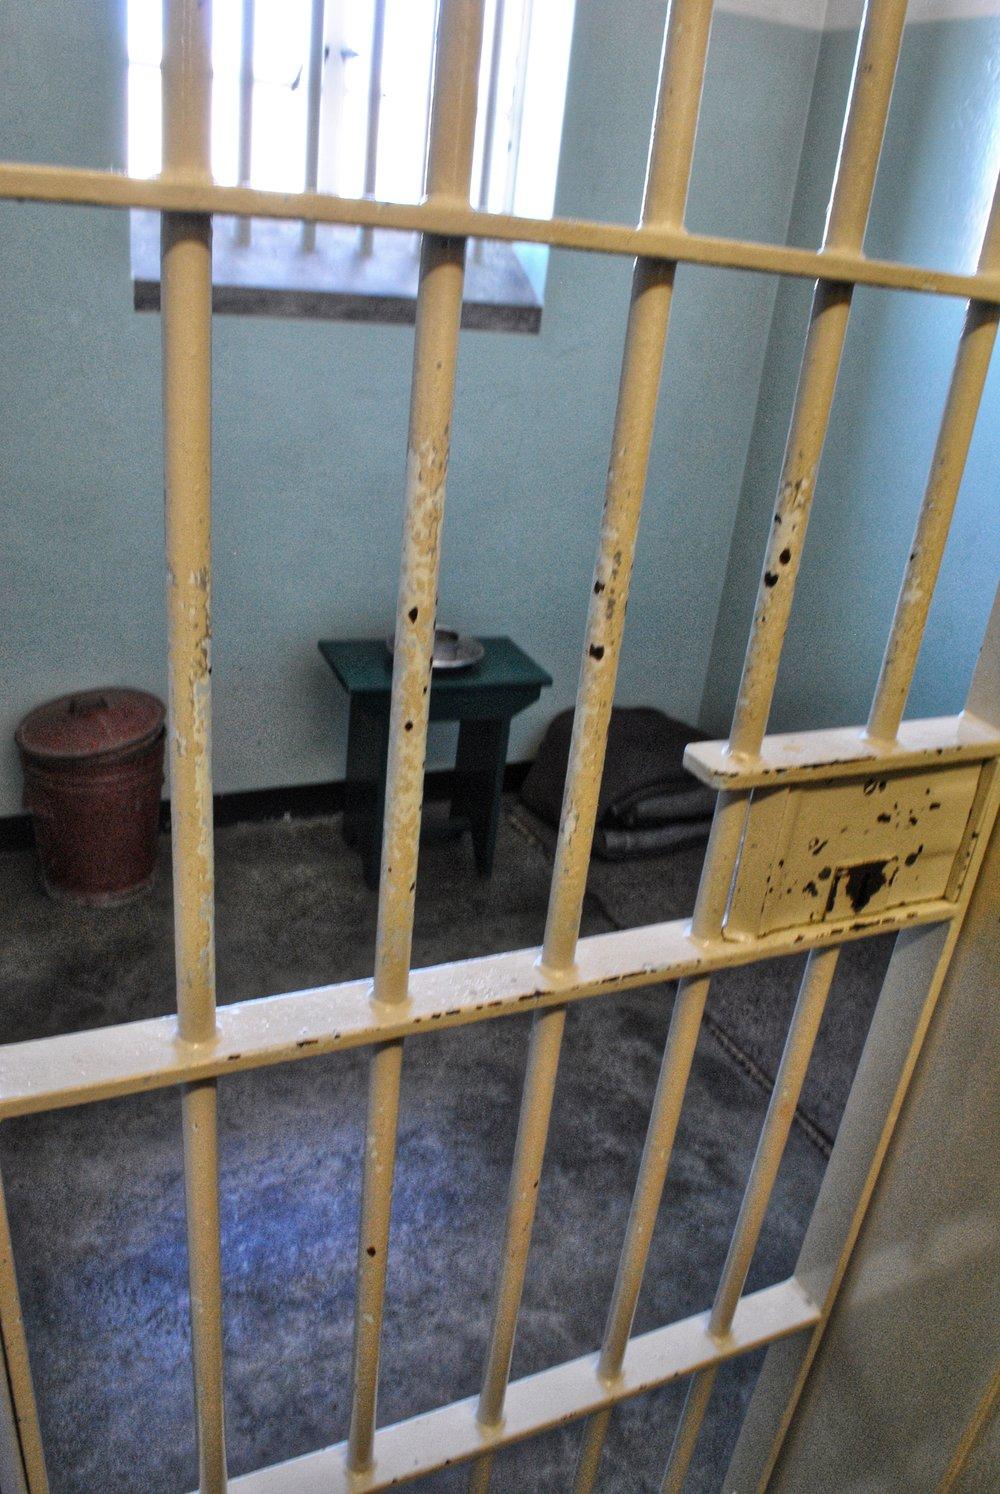 Nelson Mandela's Cell (Robben Island)